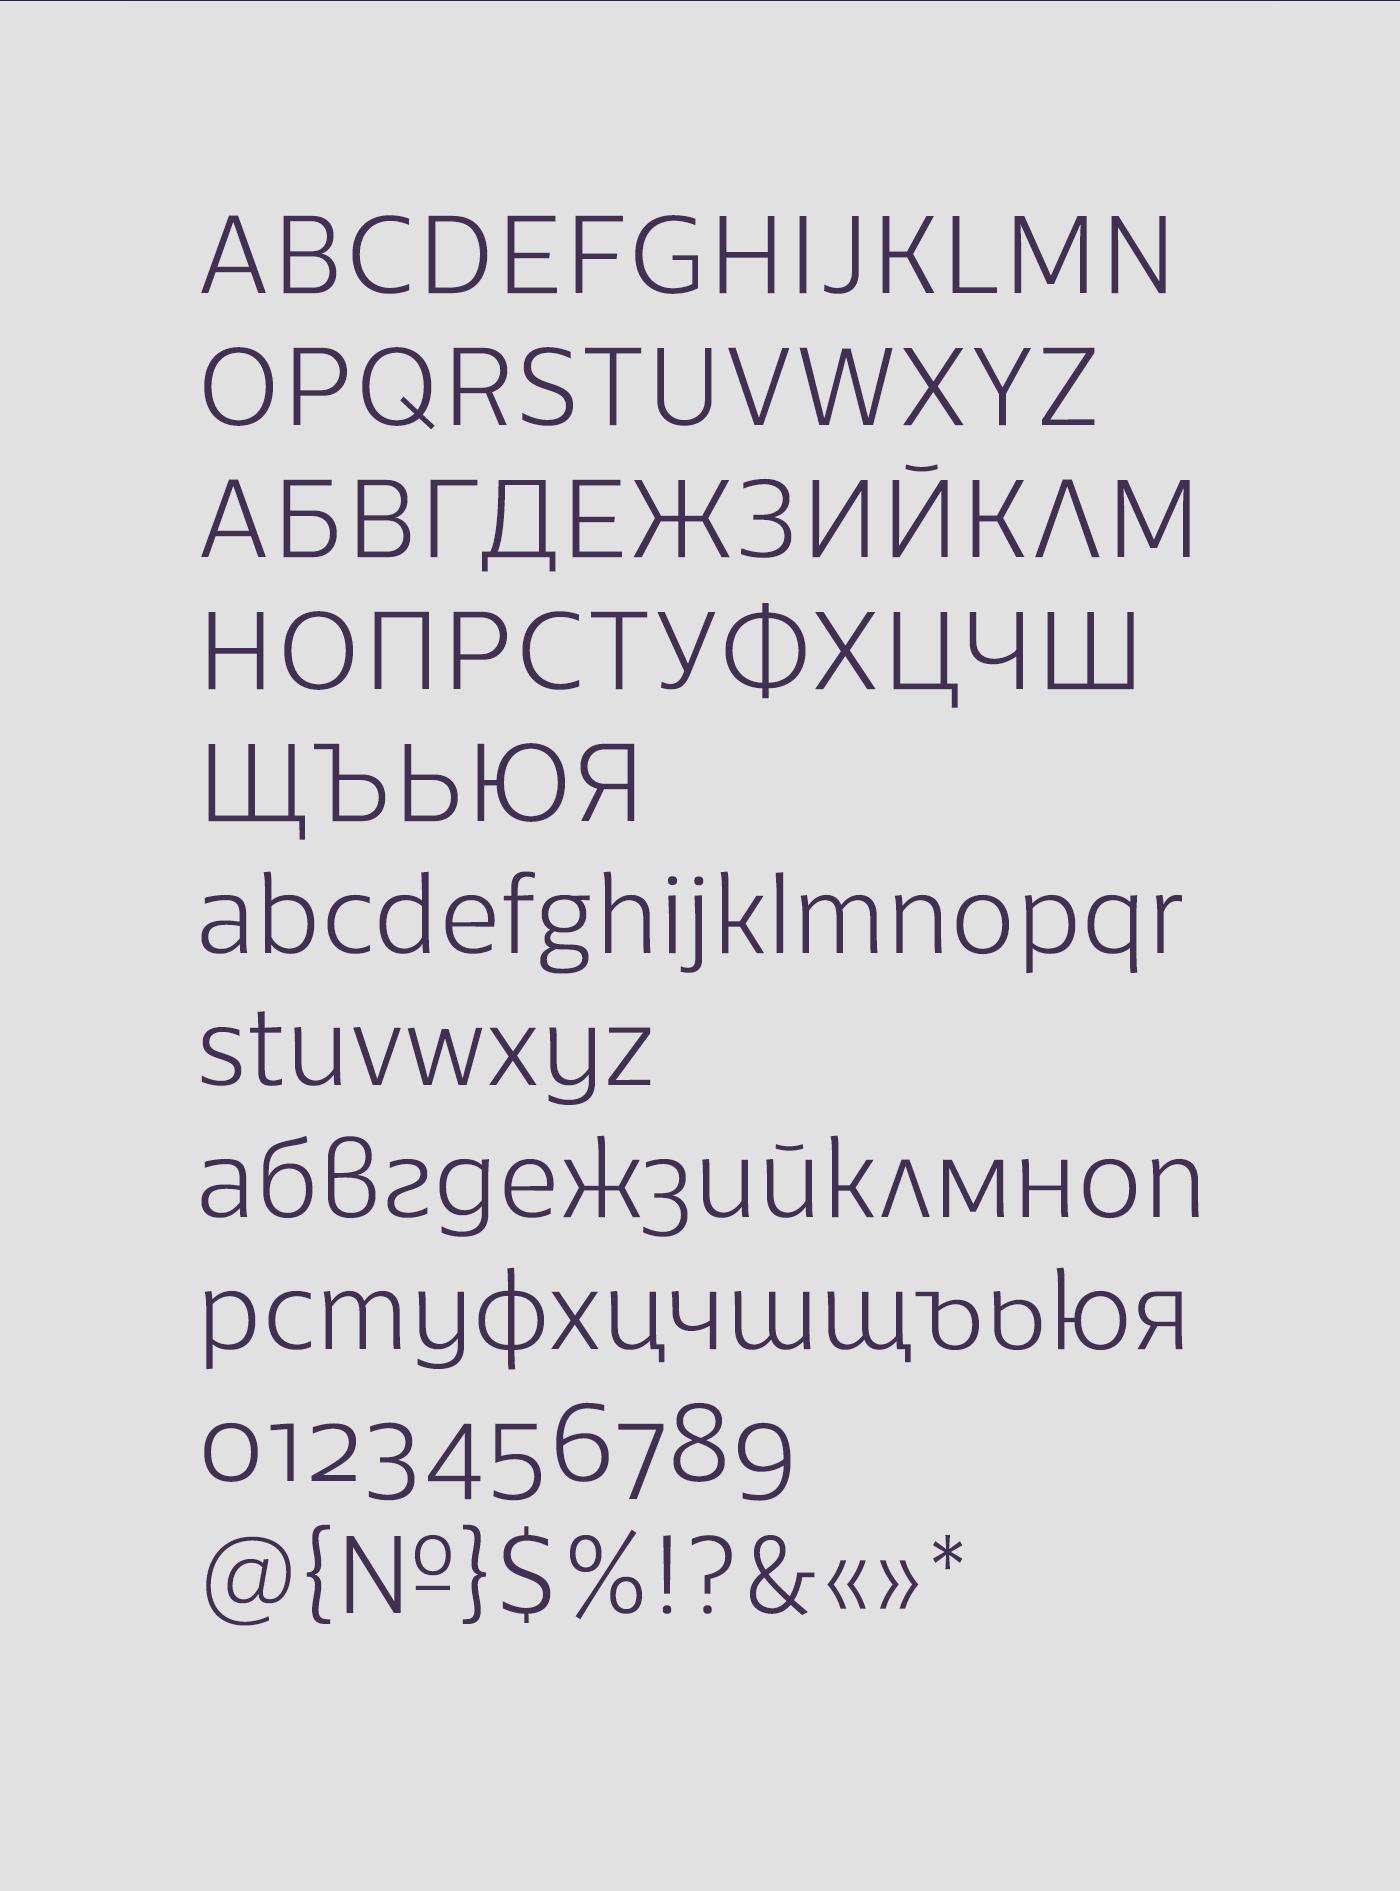 18991147603793-587f74dd727fd